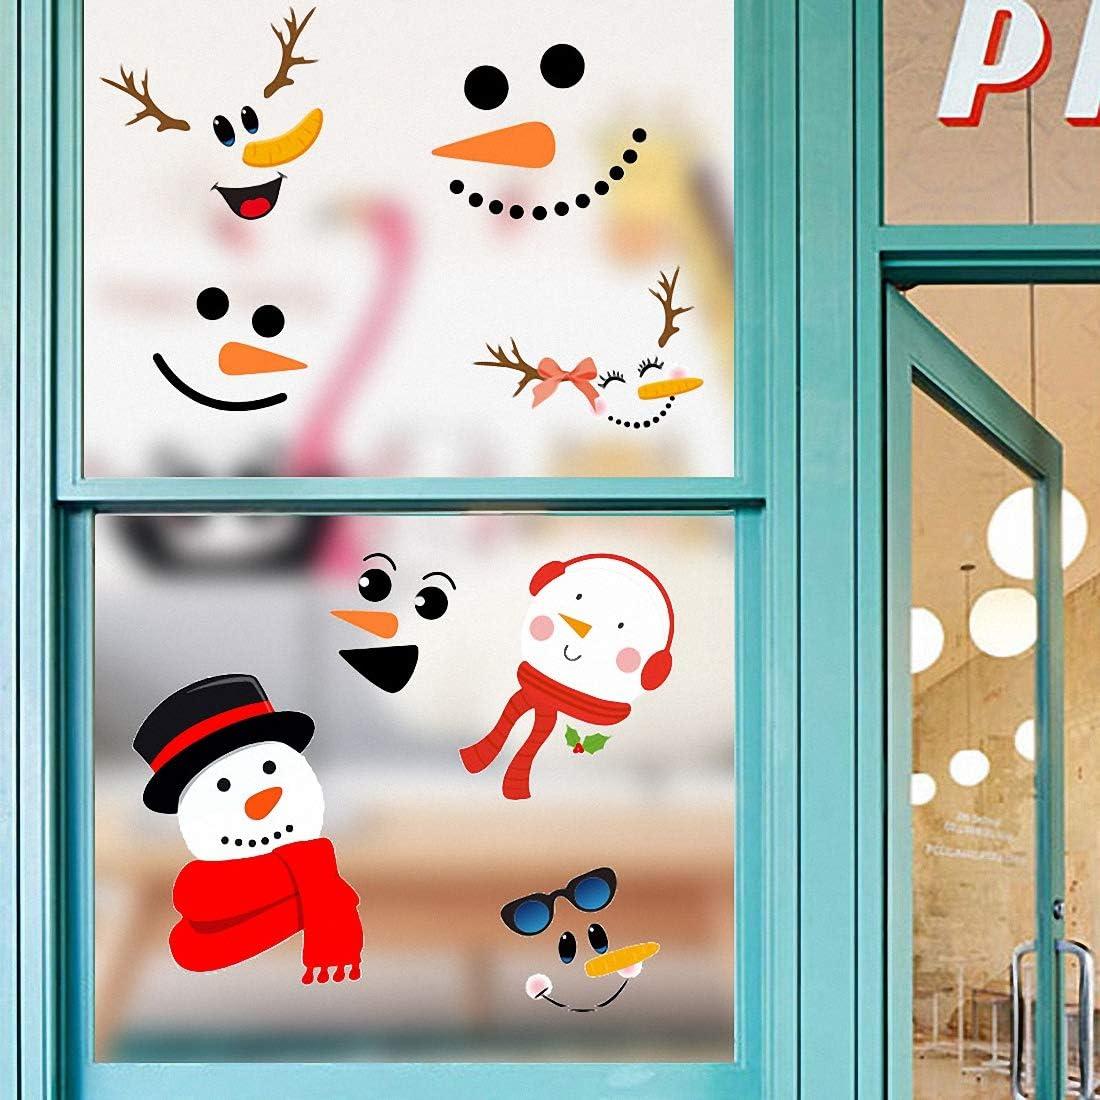 Weihnachtsdeko Fenster Glasfronten Deko T/üraufkleber Wandaufkleber Fenstersticker Fensteraufkleber Fensterdeko Selbstklebend Weihnachten Fensterbilder Kinder f/ür T/üren Schaufenster Vitrinen